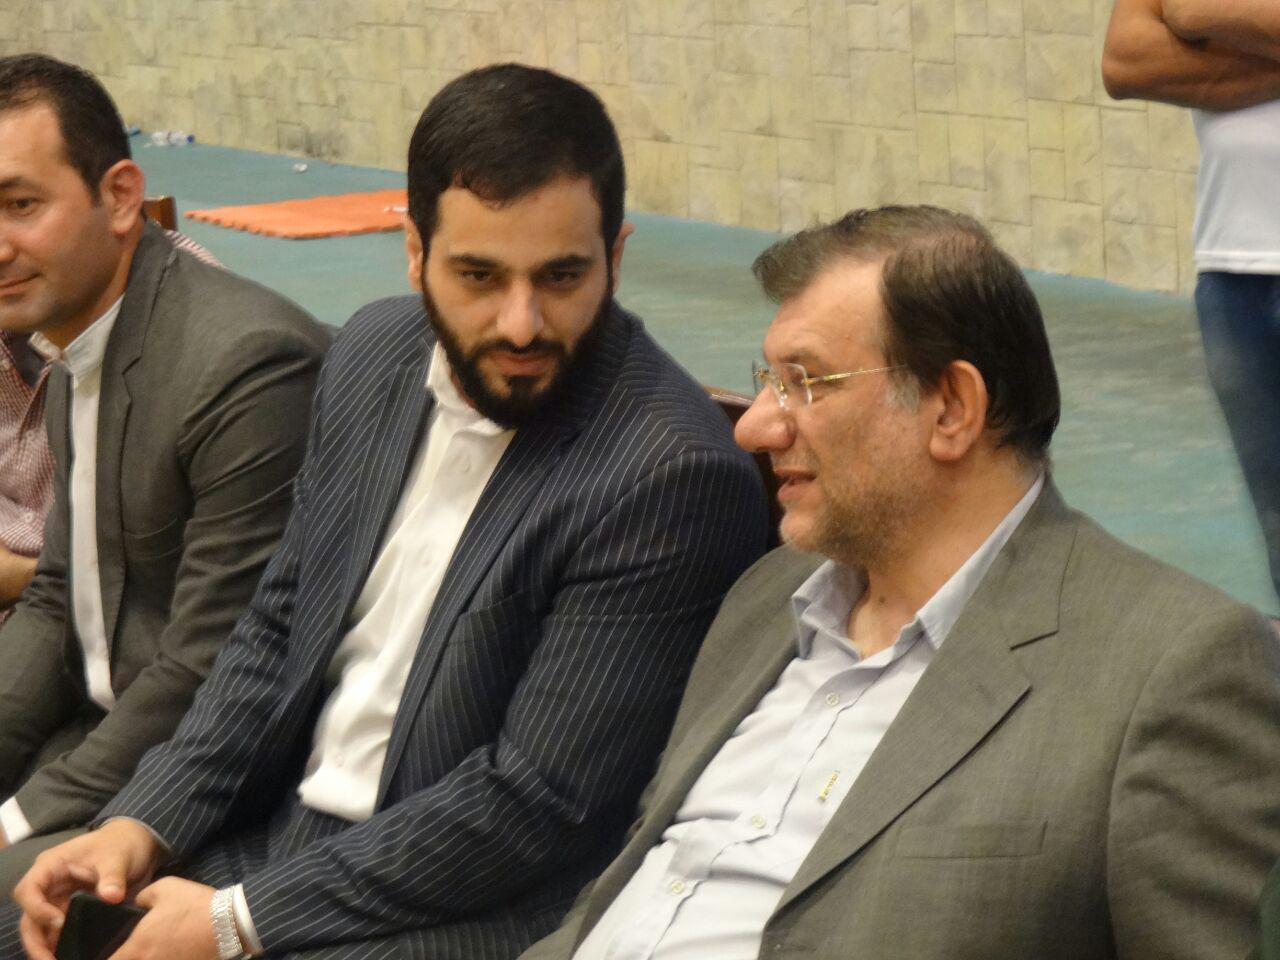 دیدار حسینیان به همراه مرادی رئیس فدراسیون از کادر و اعضای تیم ملی + تصاویر